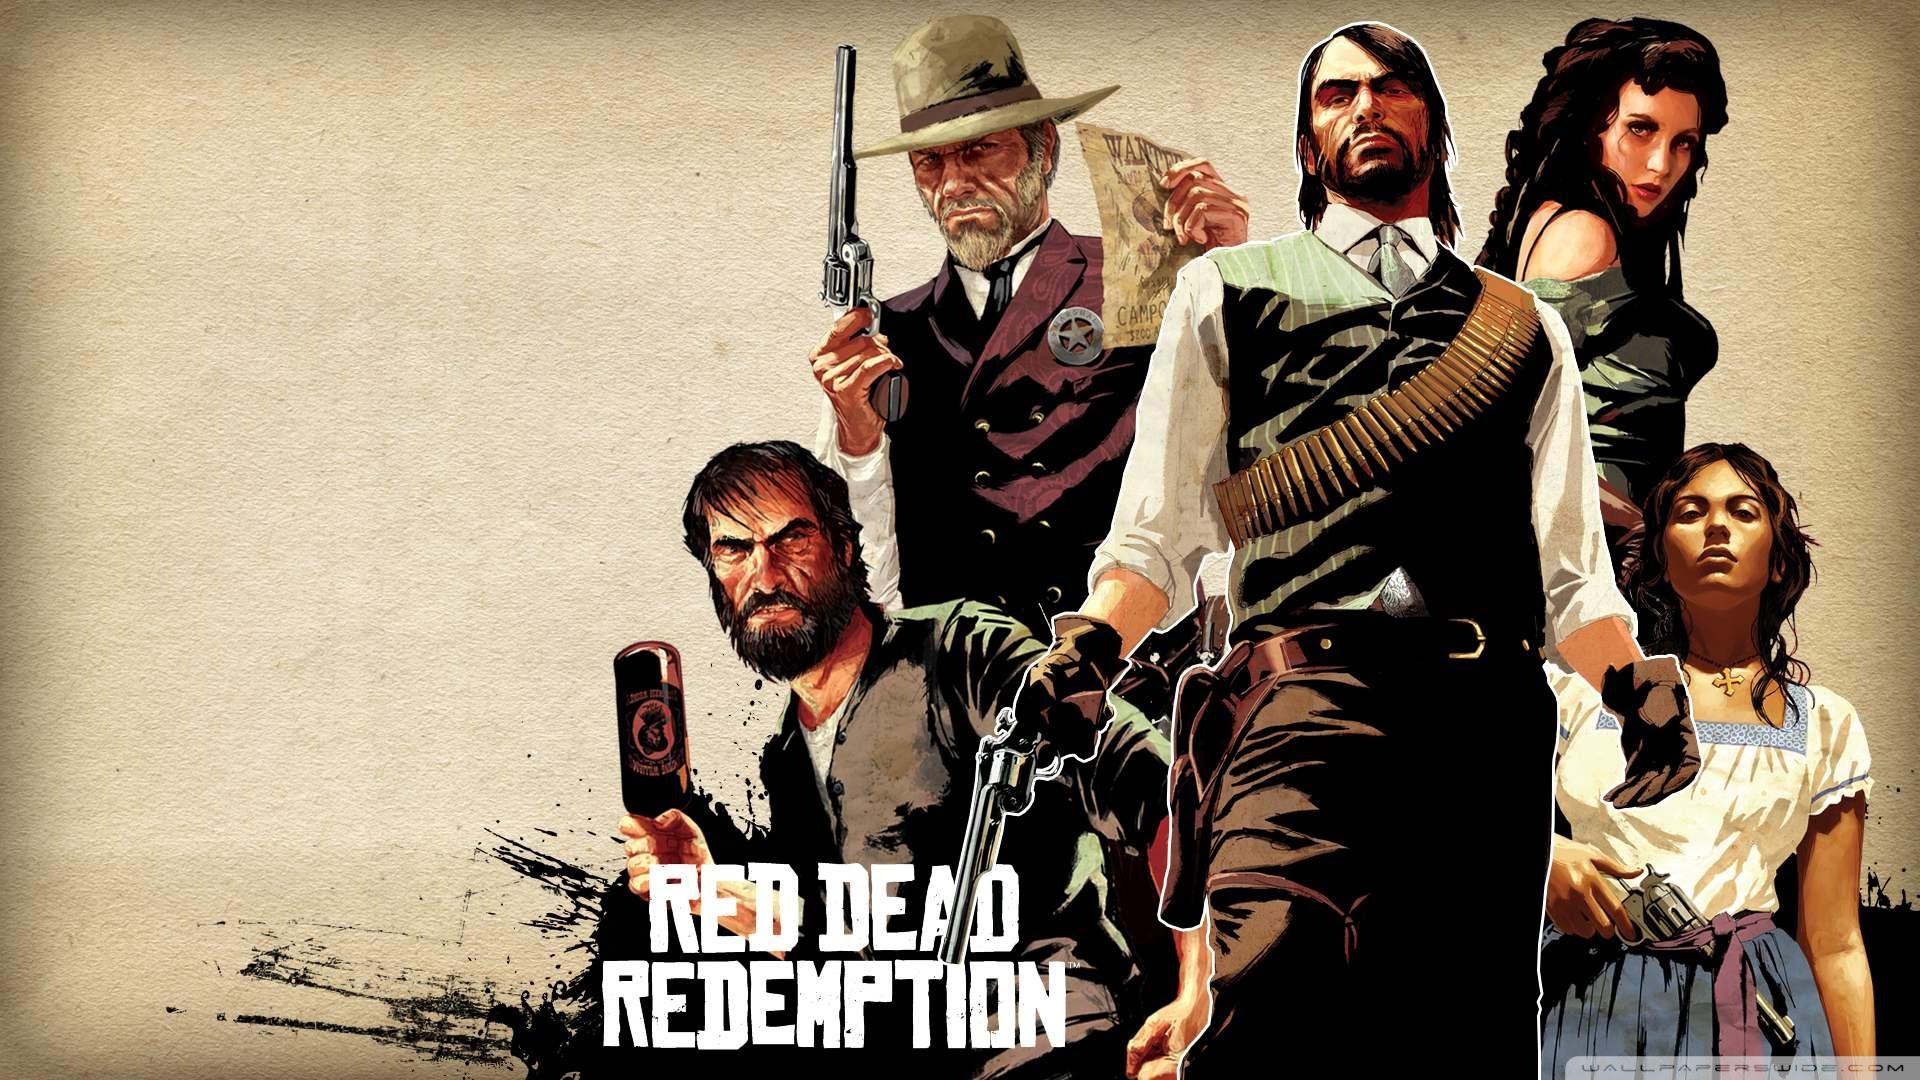 Red Dead Redemption Ultra Hd Desktop Background Wallpaper For 4k